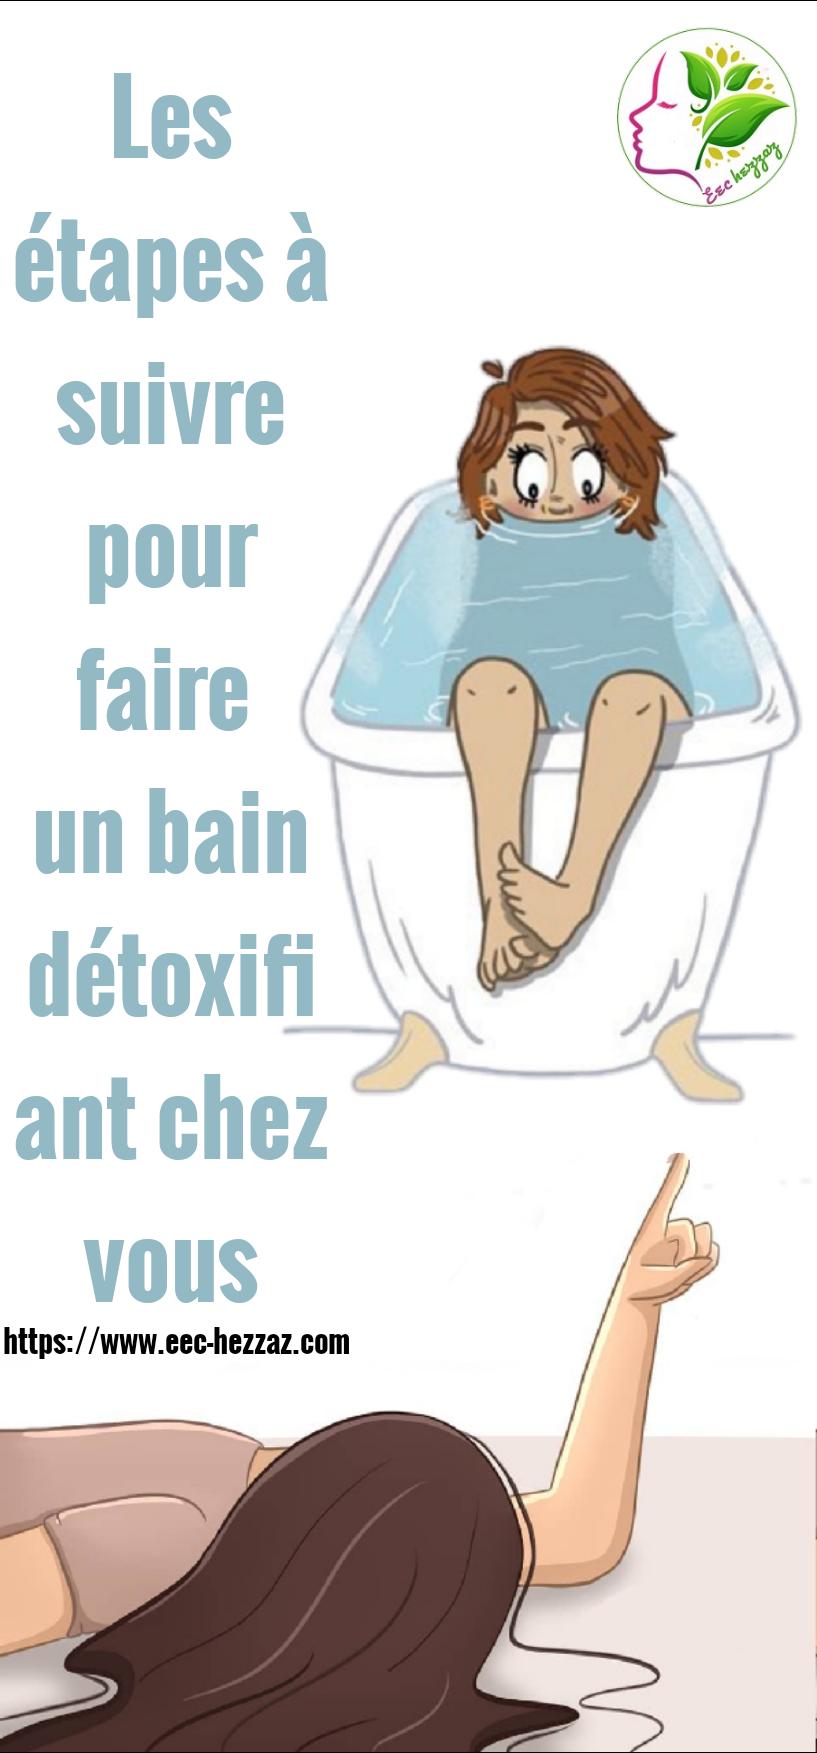 Les étapes à suivre pour faire un bain détoxifiant chez vous